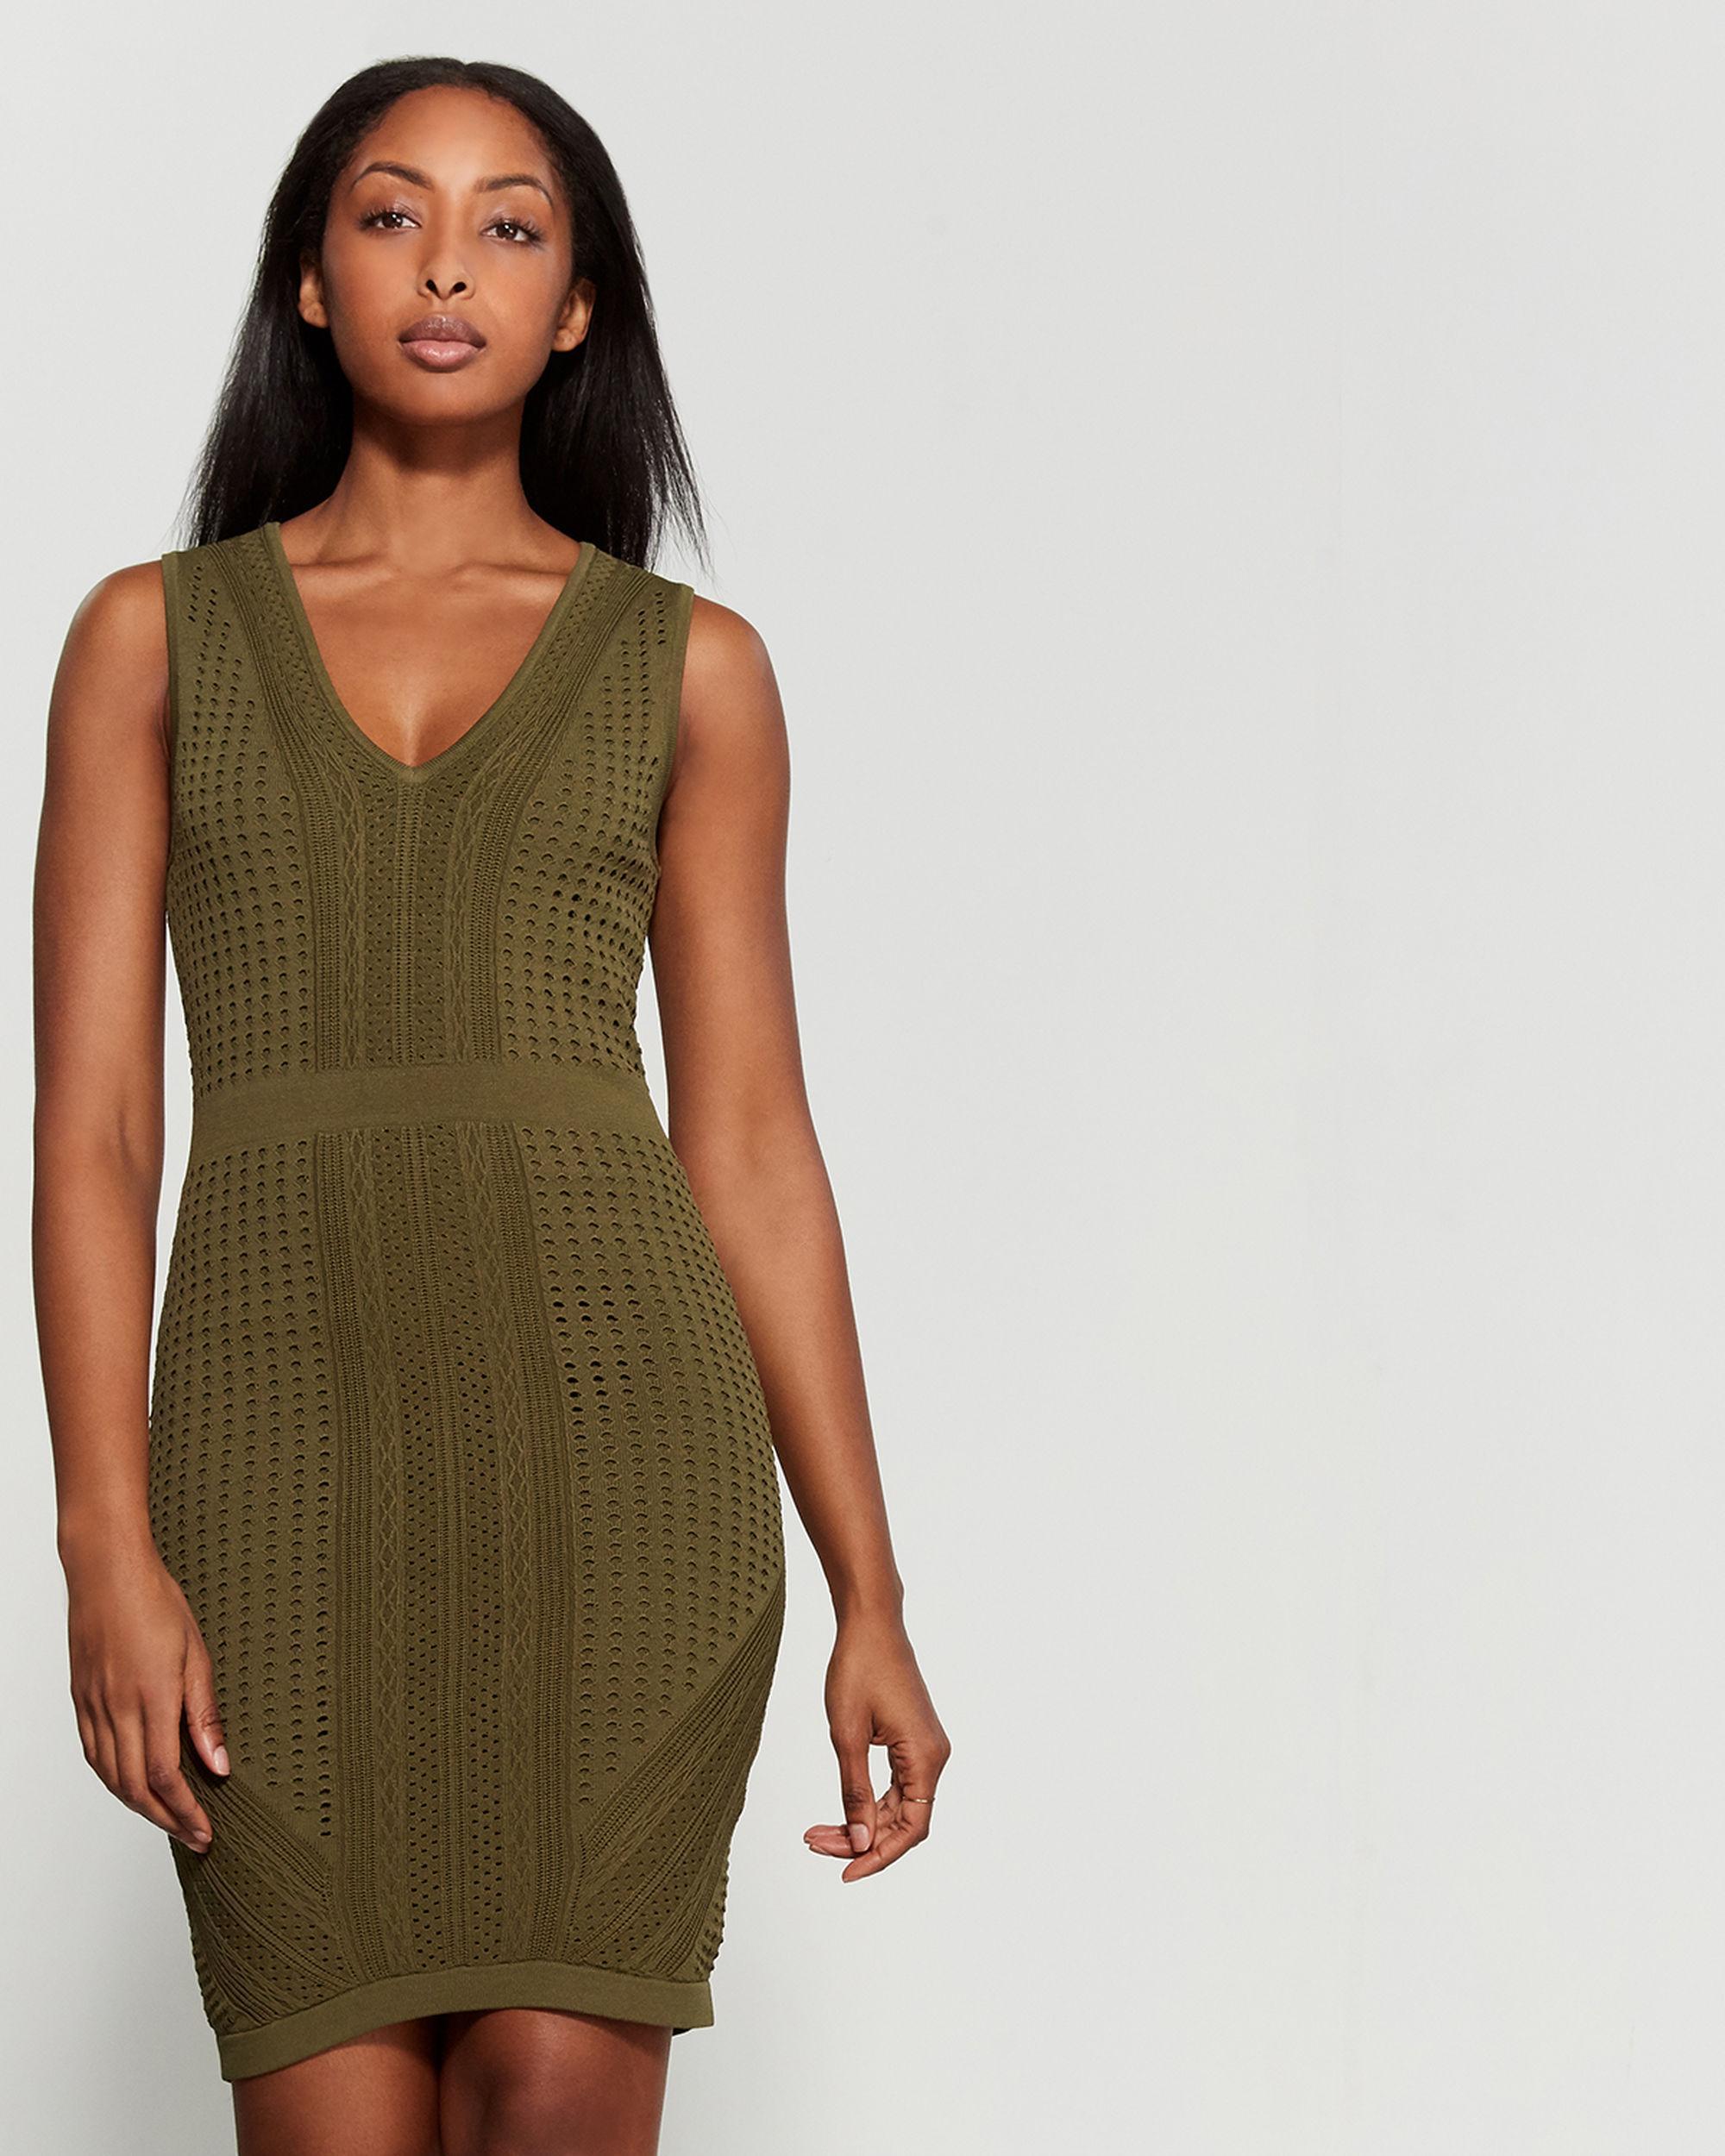 17f3cea833e50 Lyst - John + Jenn Pointelle Knit Bodycon Dress in Green